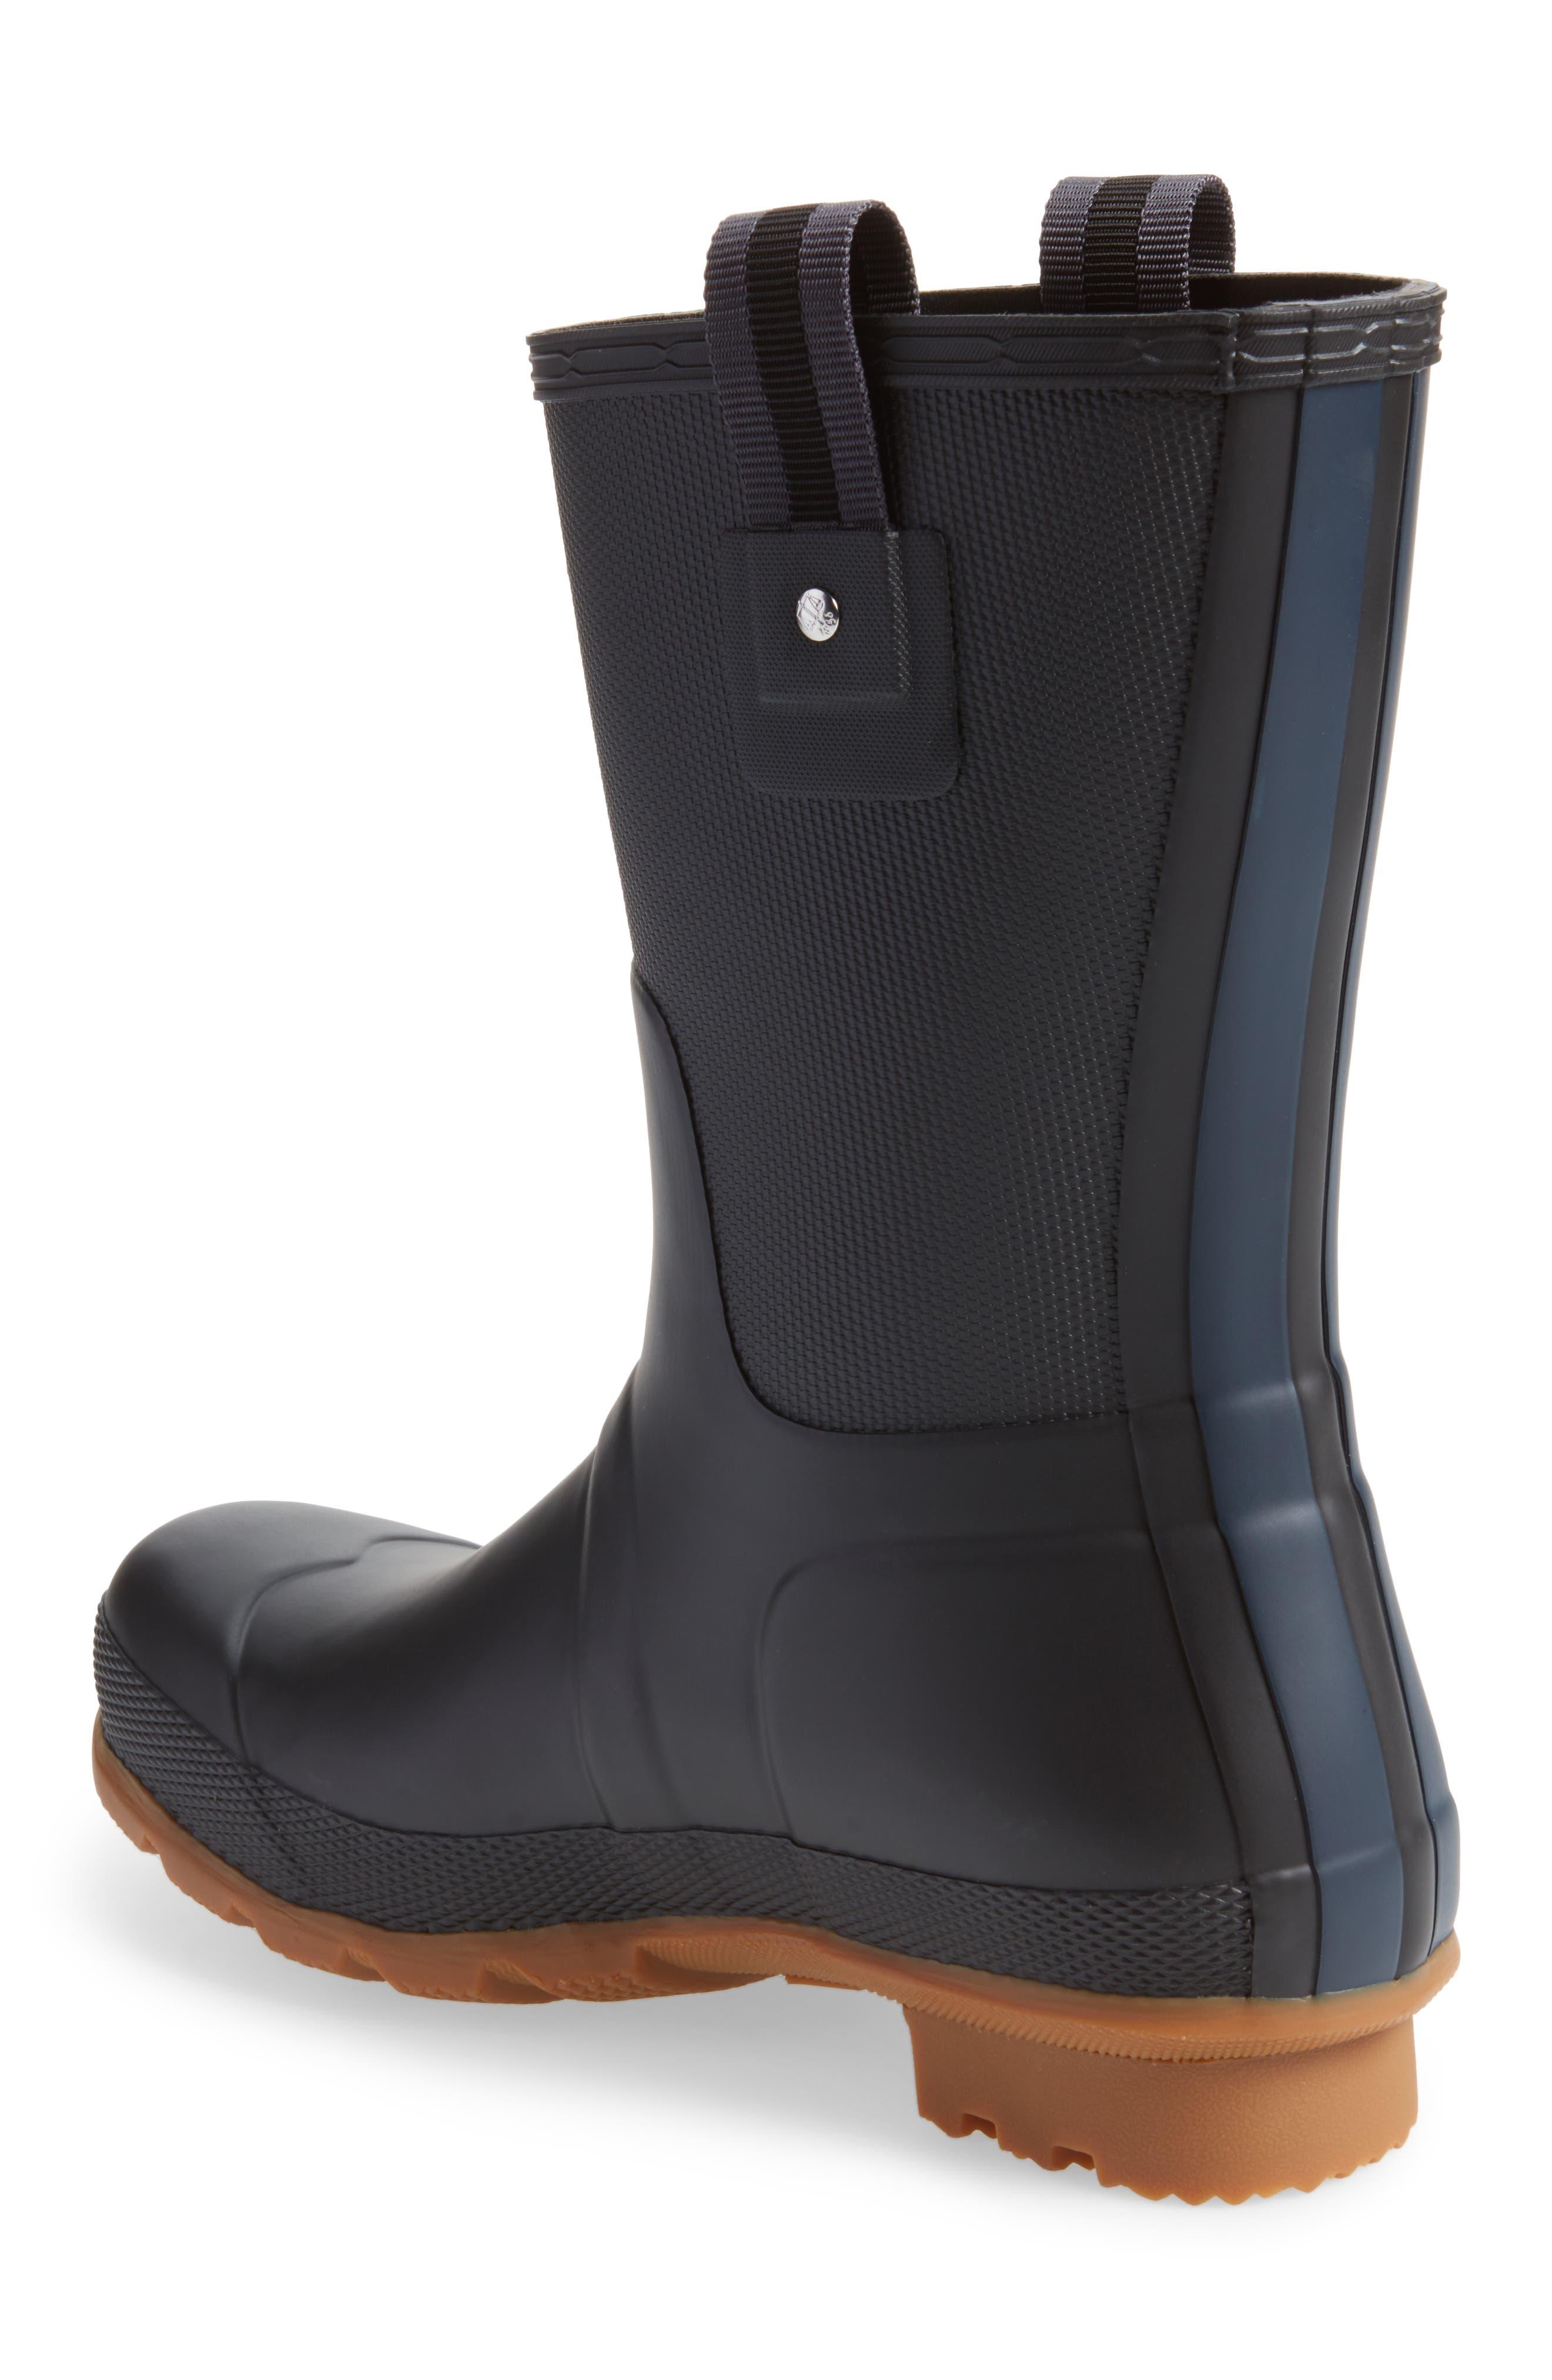 Original Sissinghurst Rain Boot,                             Alternate thumbnail 2, color,                             Black/ Gum